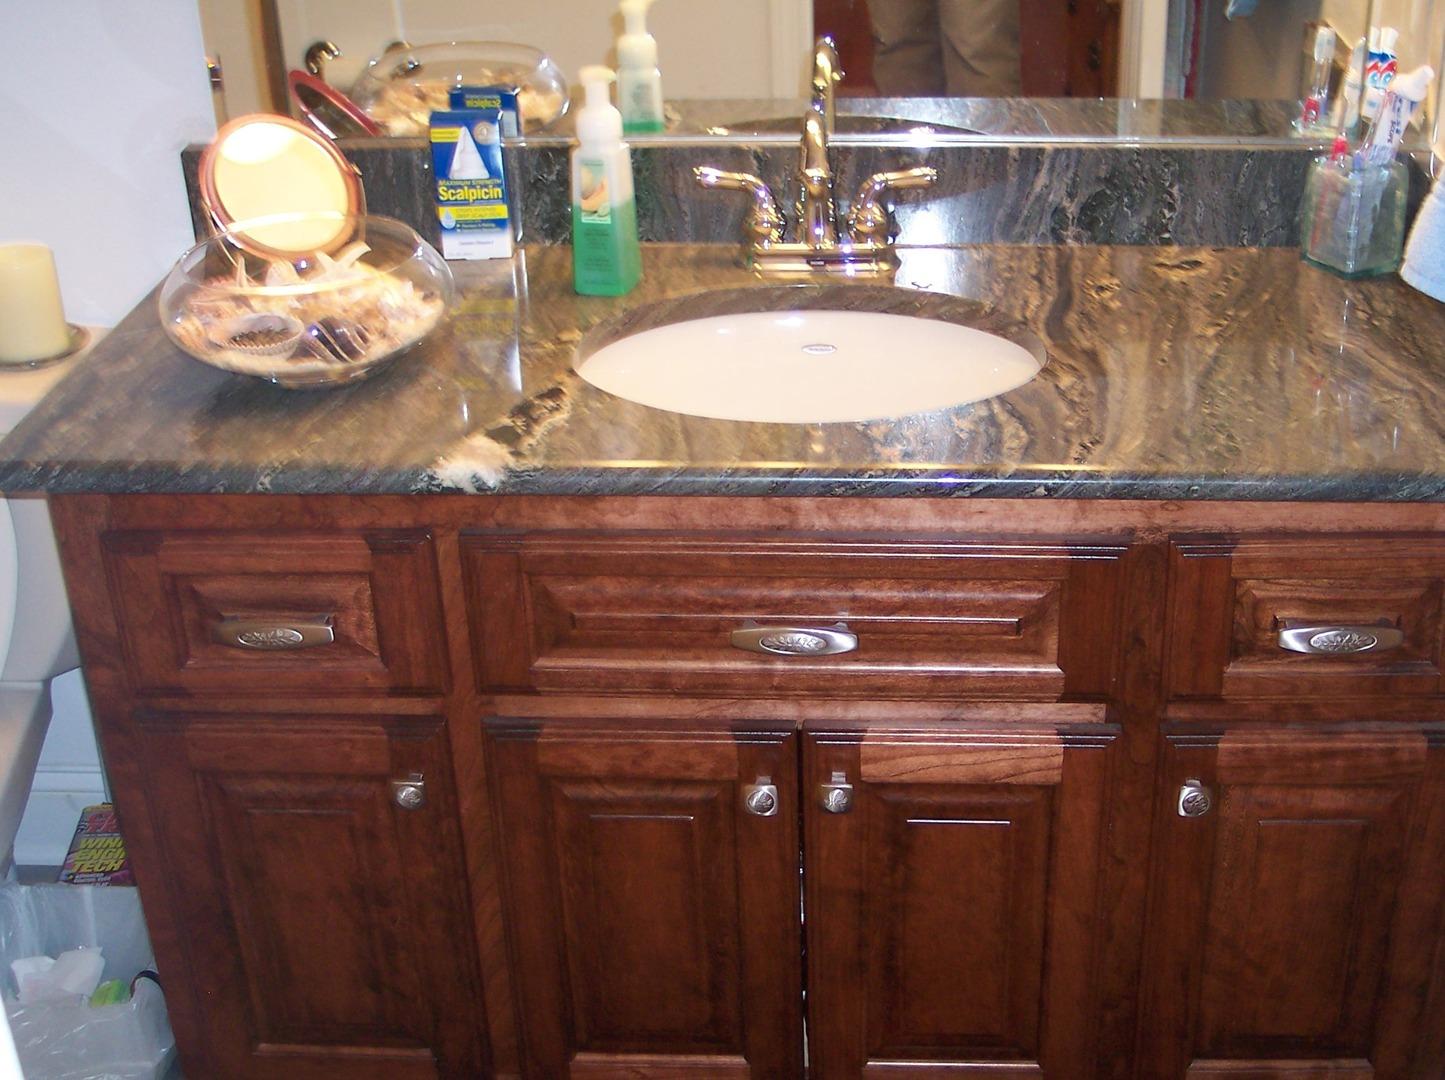 Bathroom Remodels Jacksonville bathroom remodeling jacksonville fl - jacksonville fl bathroom